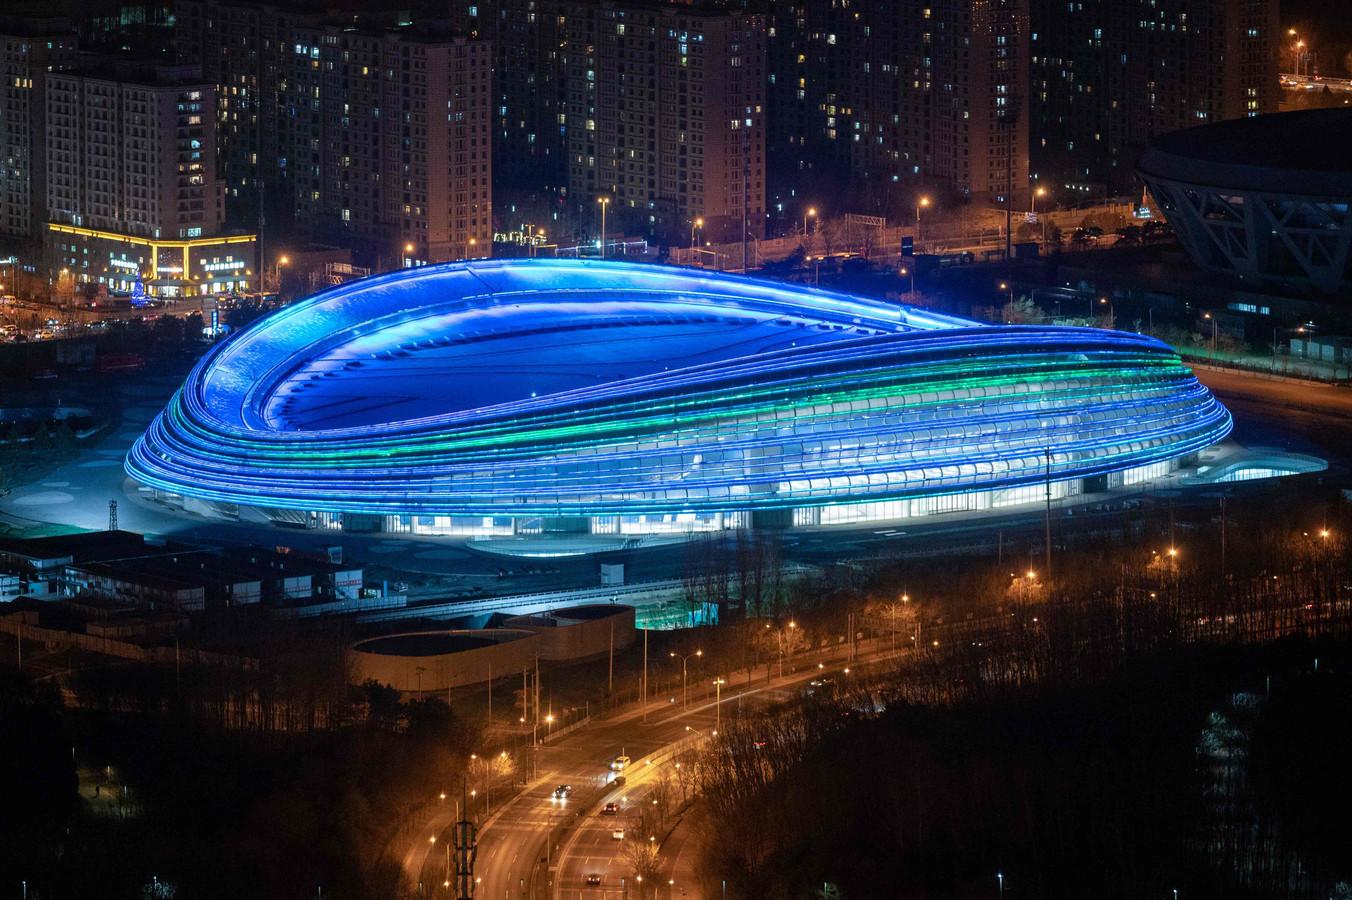 Het stadion in Peking waar in 2022 het schaatsen plaatsvindt.